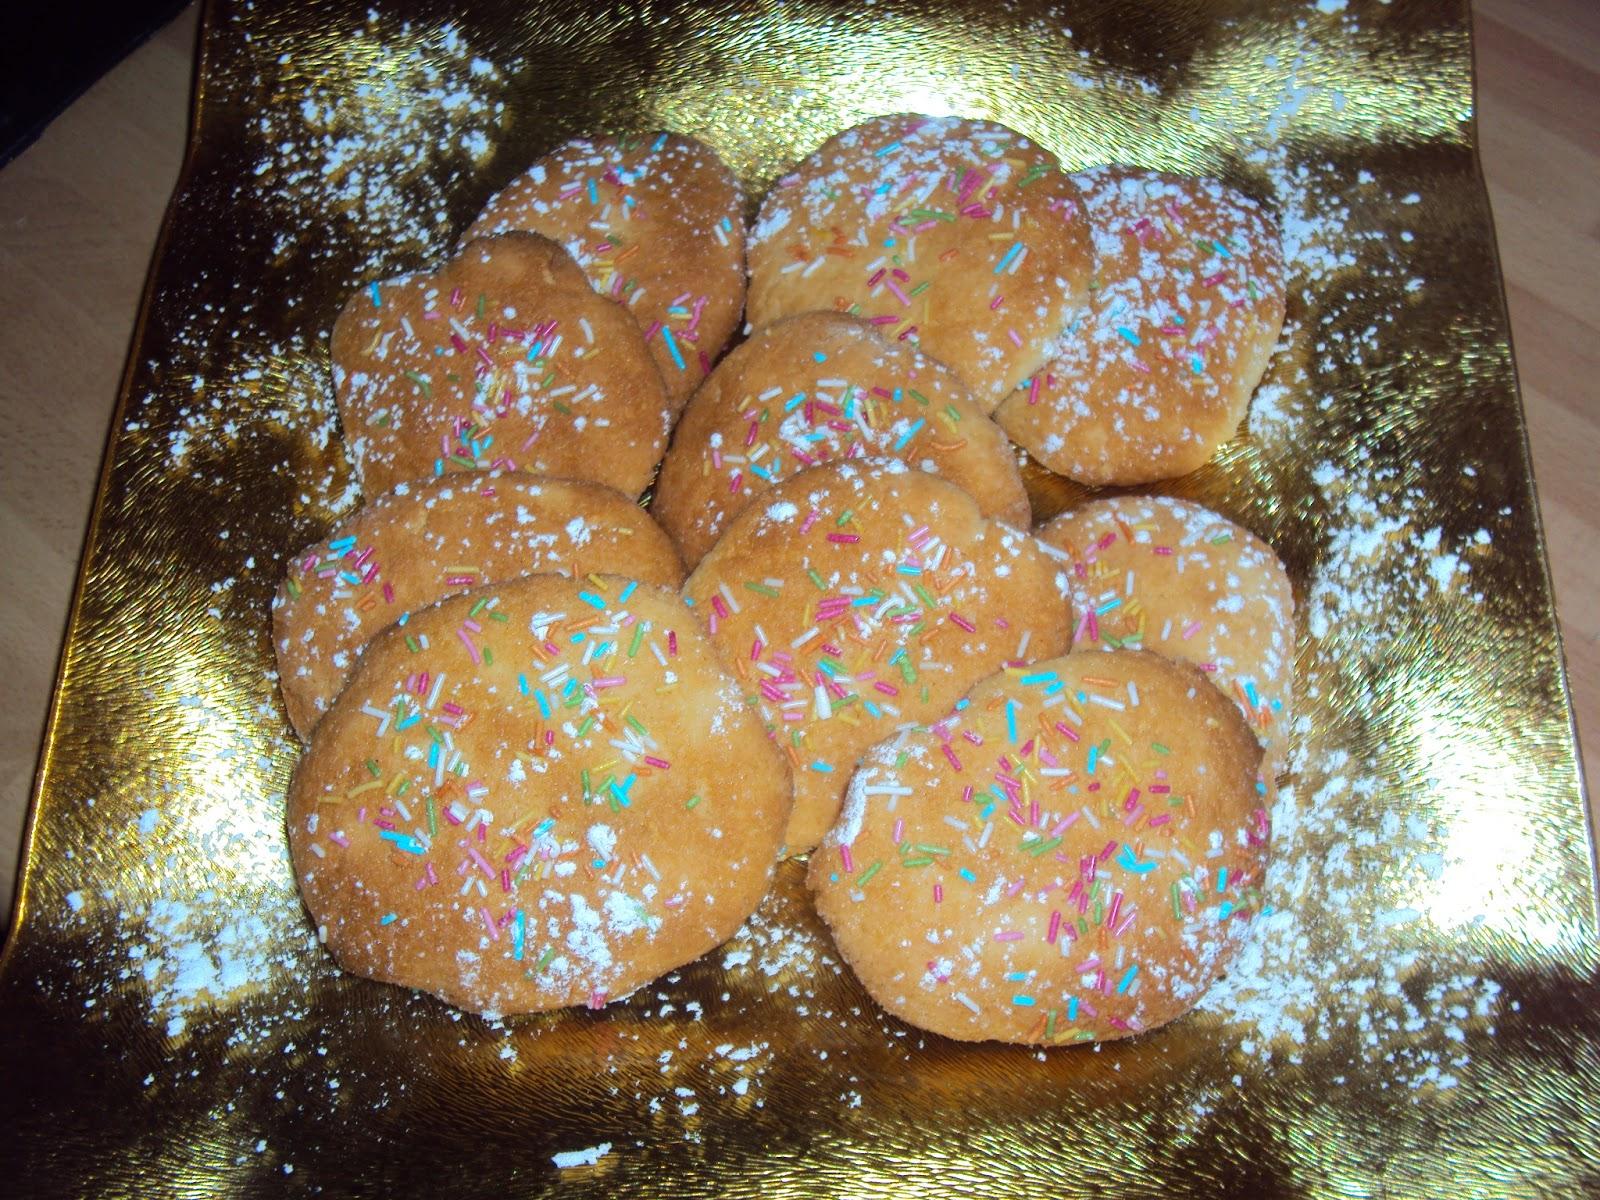 Immagine dei dolci biscottoni alla farina di riso dal blog Le ricette di Chycca